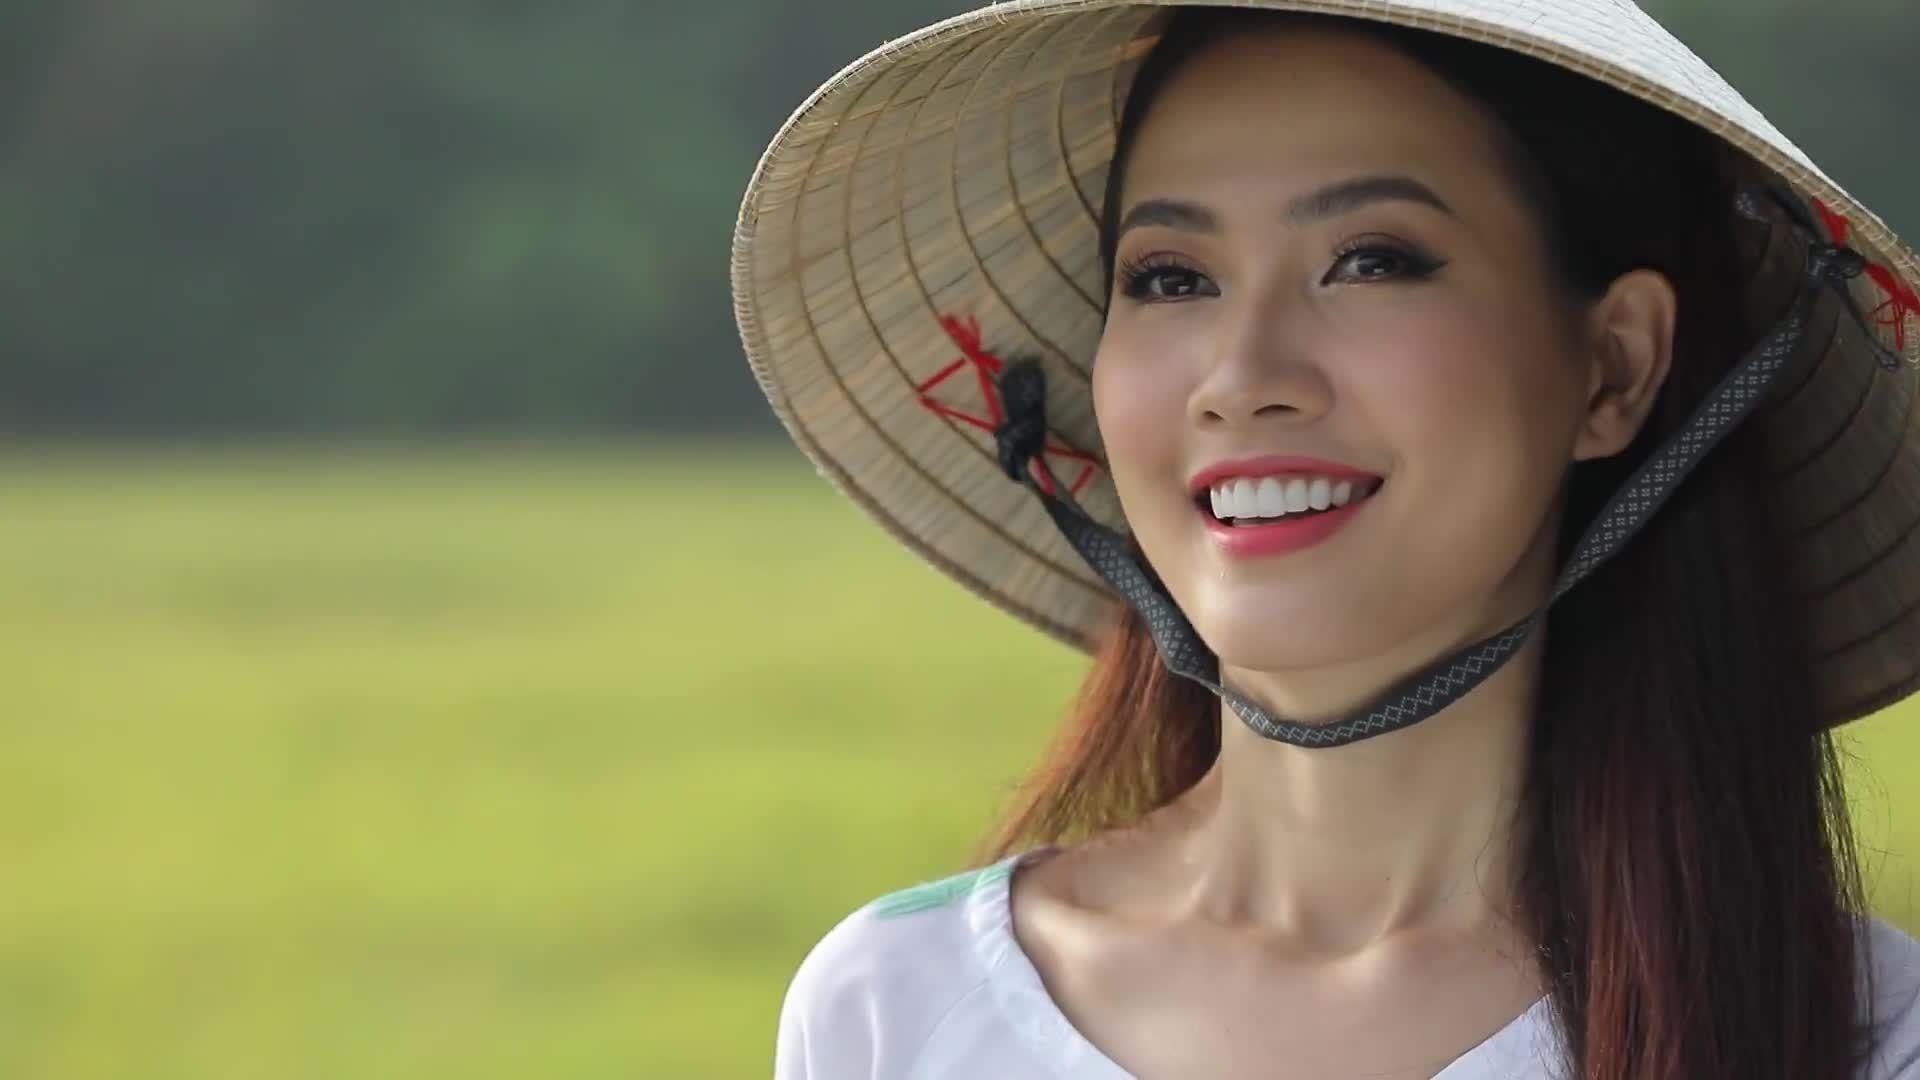 Phan Thị Mơ giới thiệu vẻ đẹp miền Tây khi thi hoa hậu du lịch